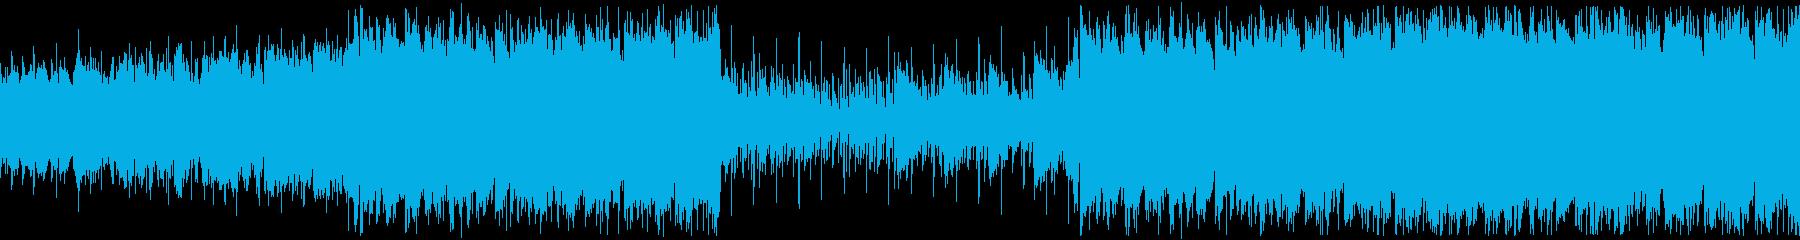 Youtube・おしゃれなR&B・ループの再生済みの波形